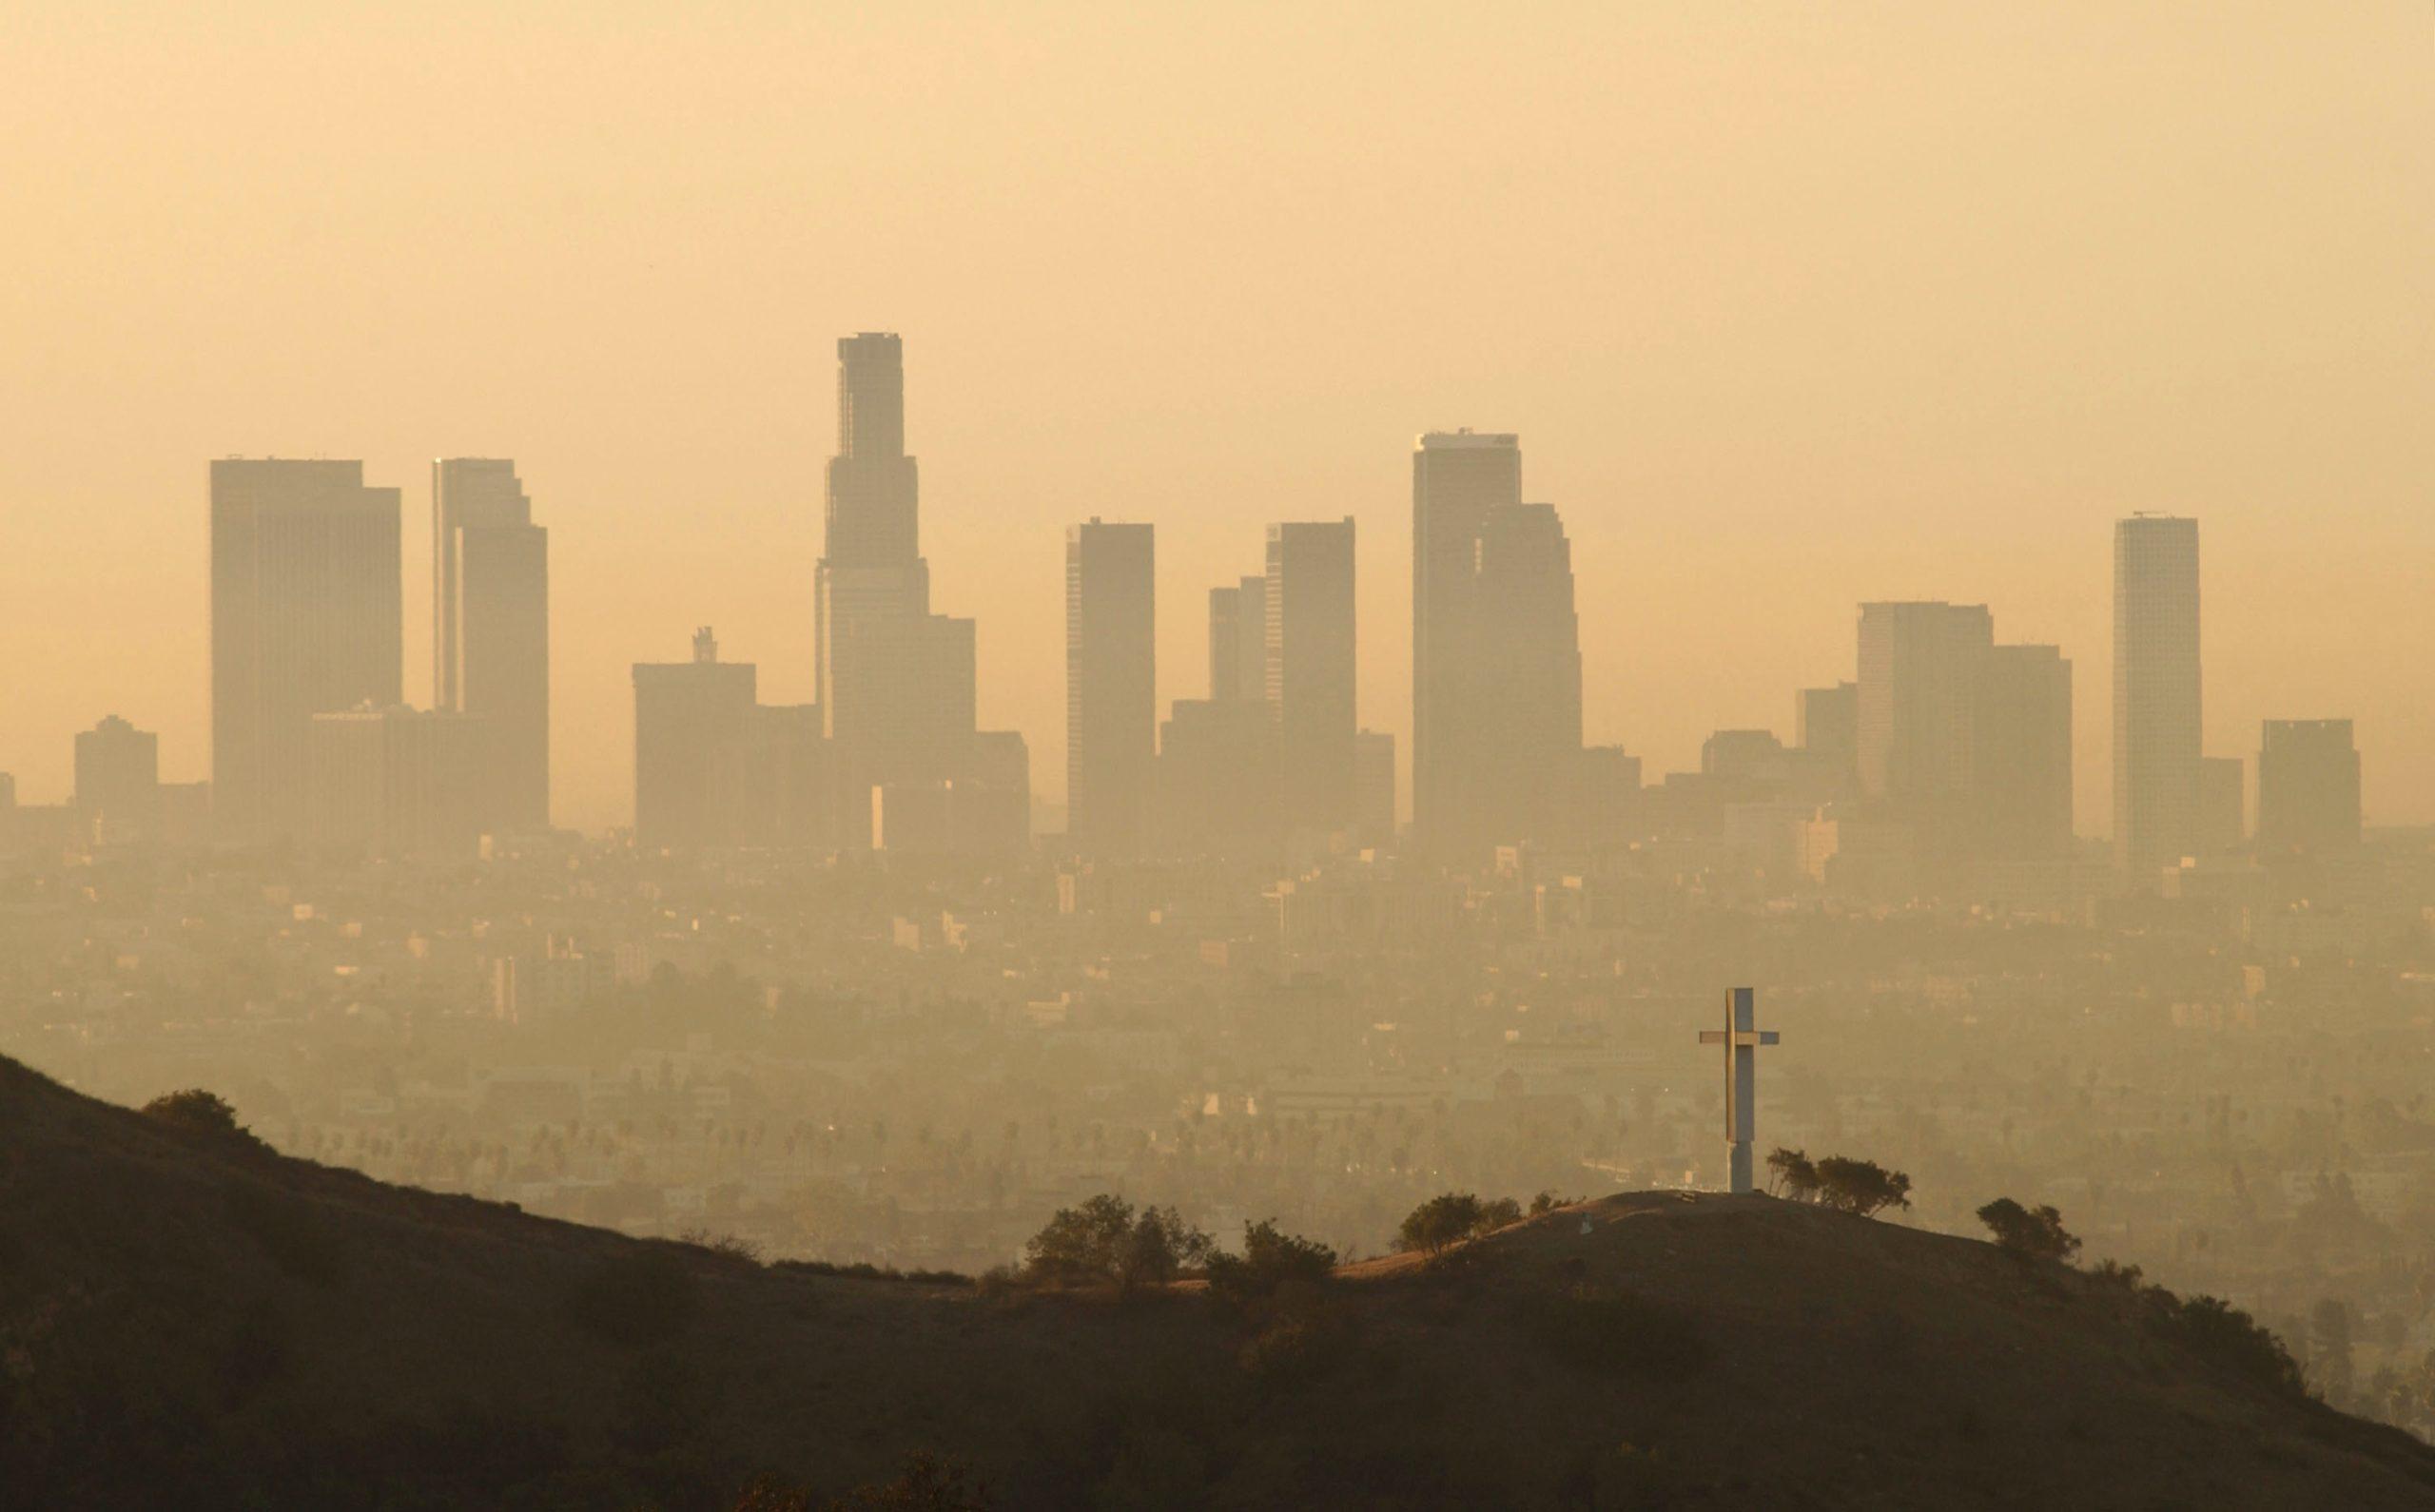 ترتيب الولايات من الأفضل إلى الأسوأ في جودة الهواء 2021